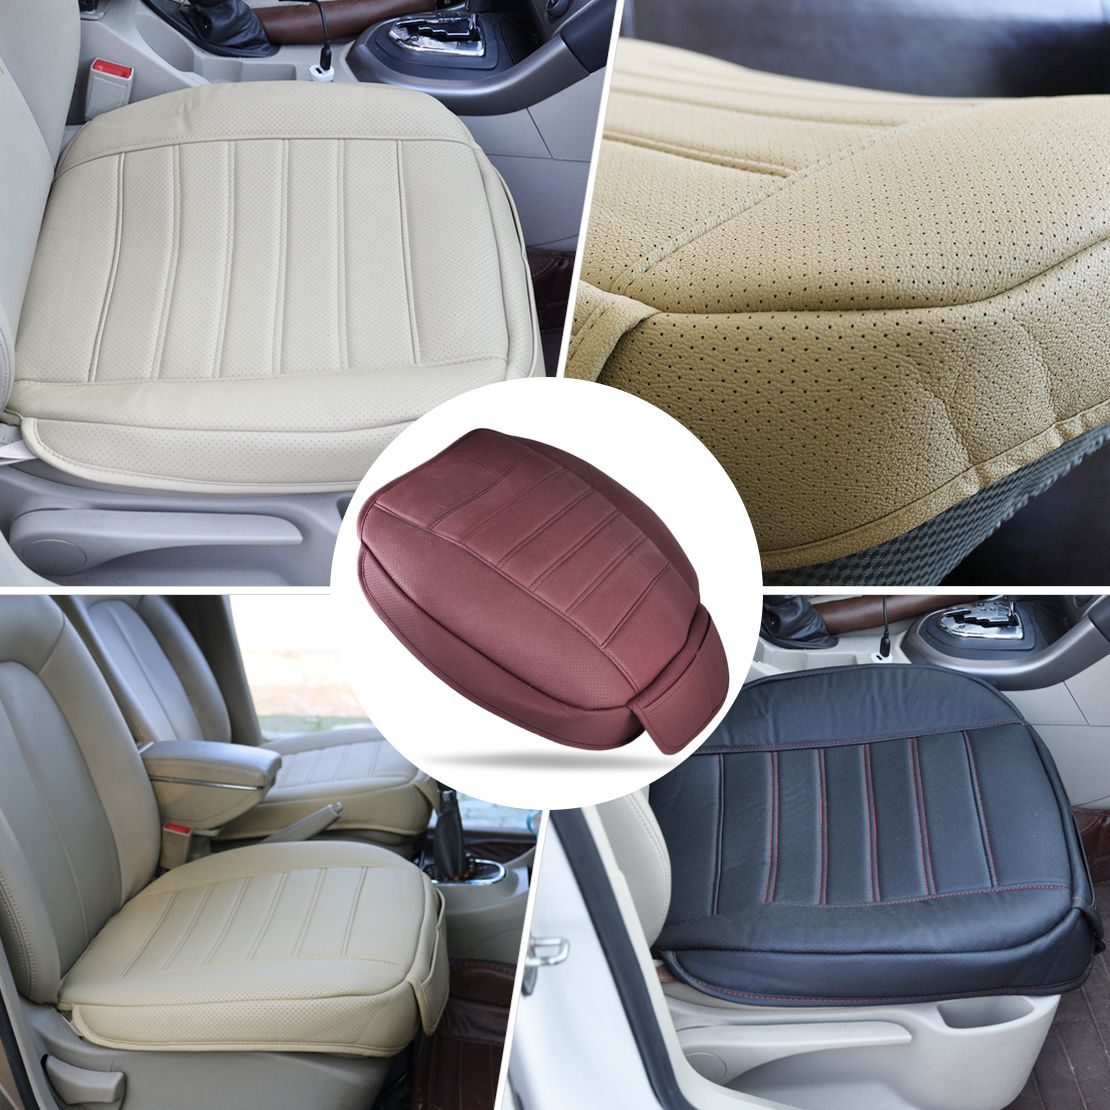 1 قطعة جديد العالمي بو الجلود الجبهة مقعد وسادة غطاء السيارة الداخلية واحدة Seatpad ل Vw Golf Audi A4 Car Interior Leather Car Seat Covers Seat Cushion Covers